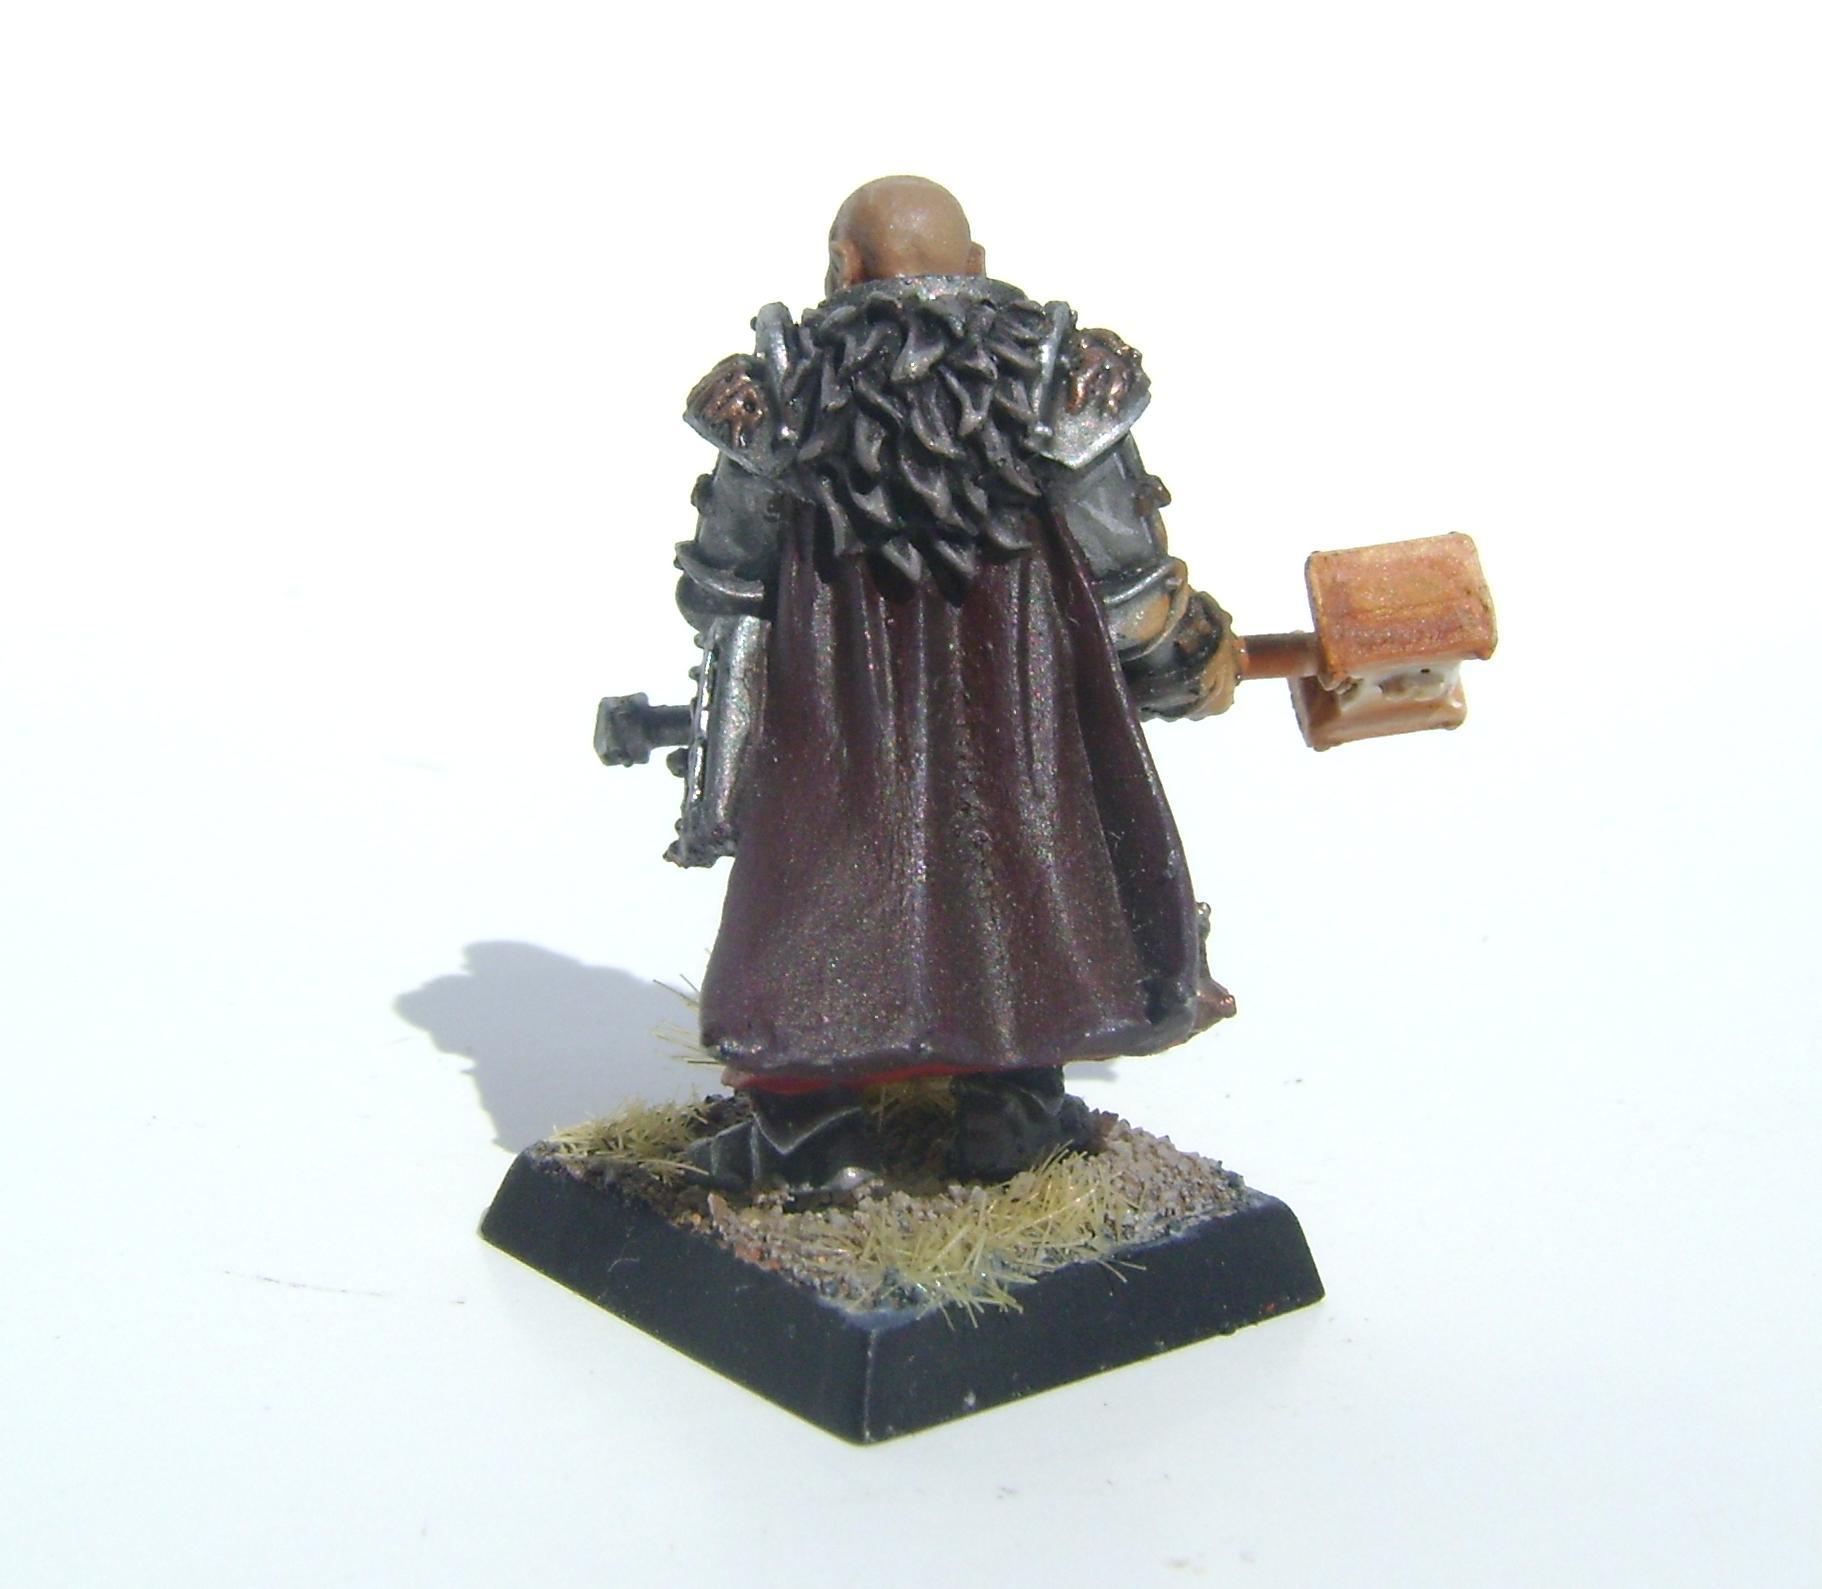 Arch Lector, Empire, Ostermark, Warhammer Fantasy, Warrior Priest